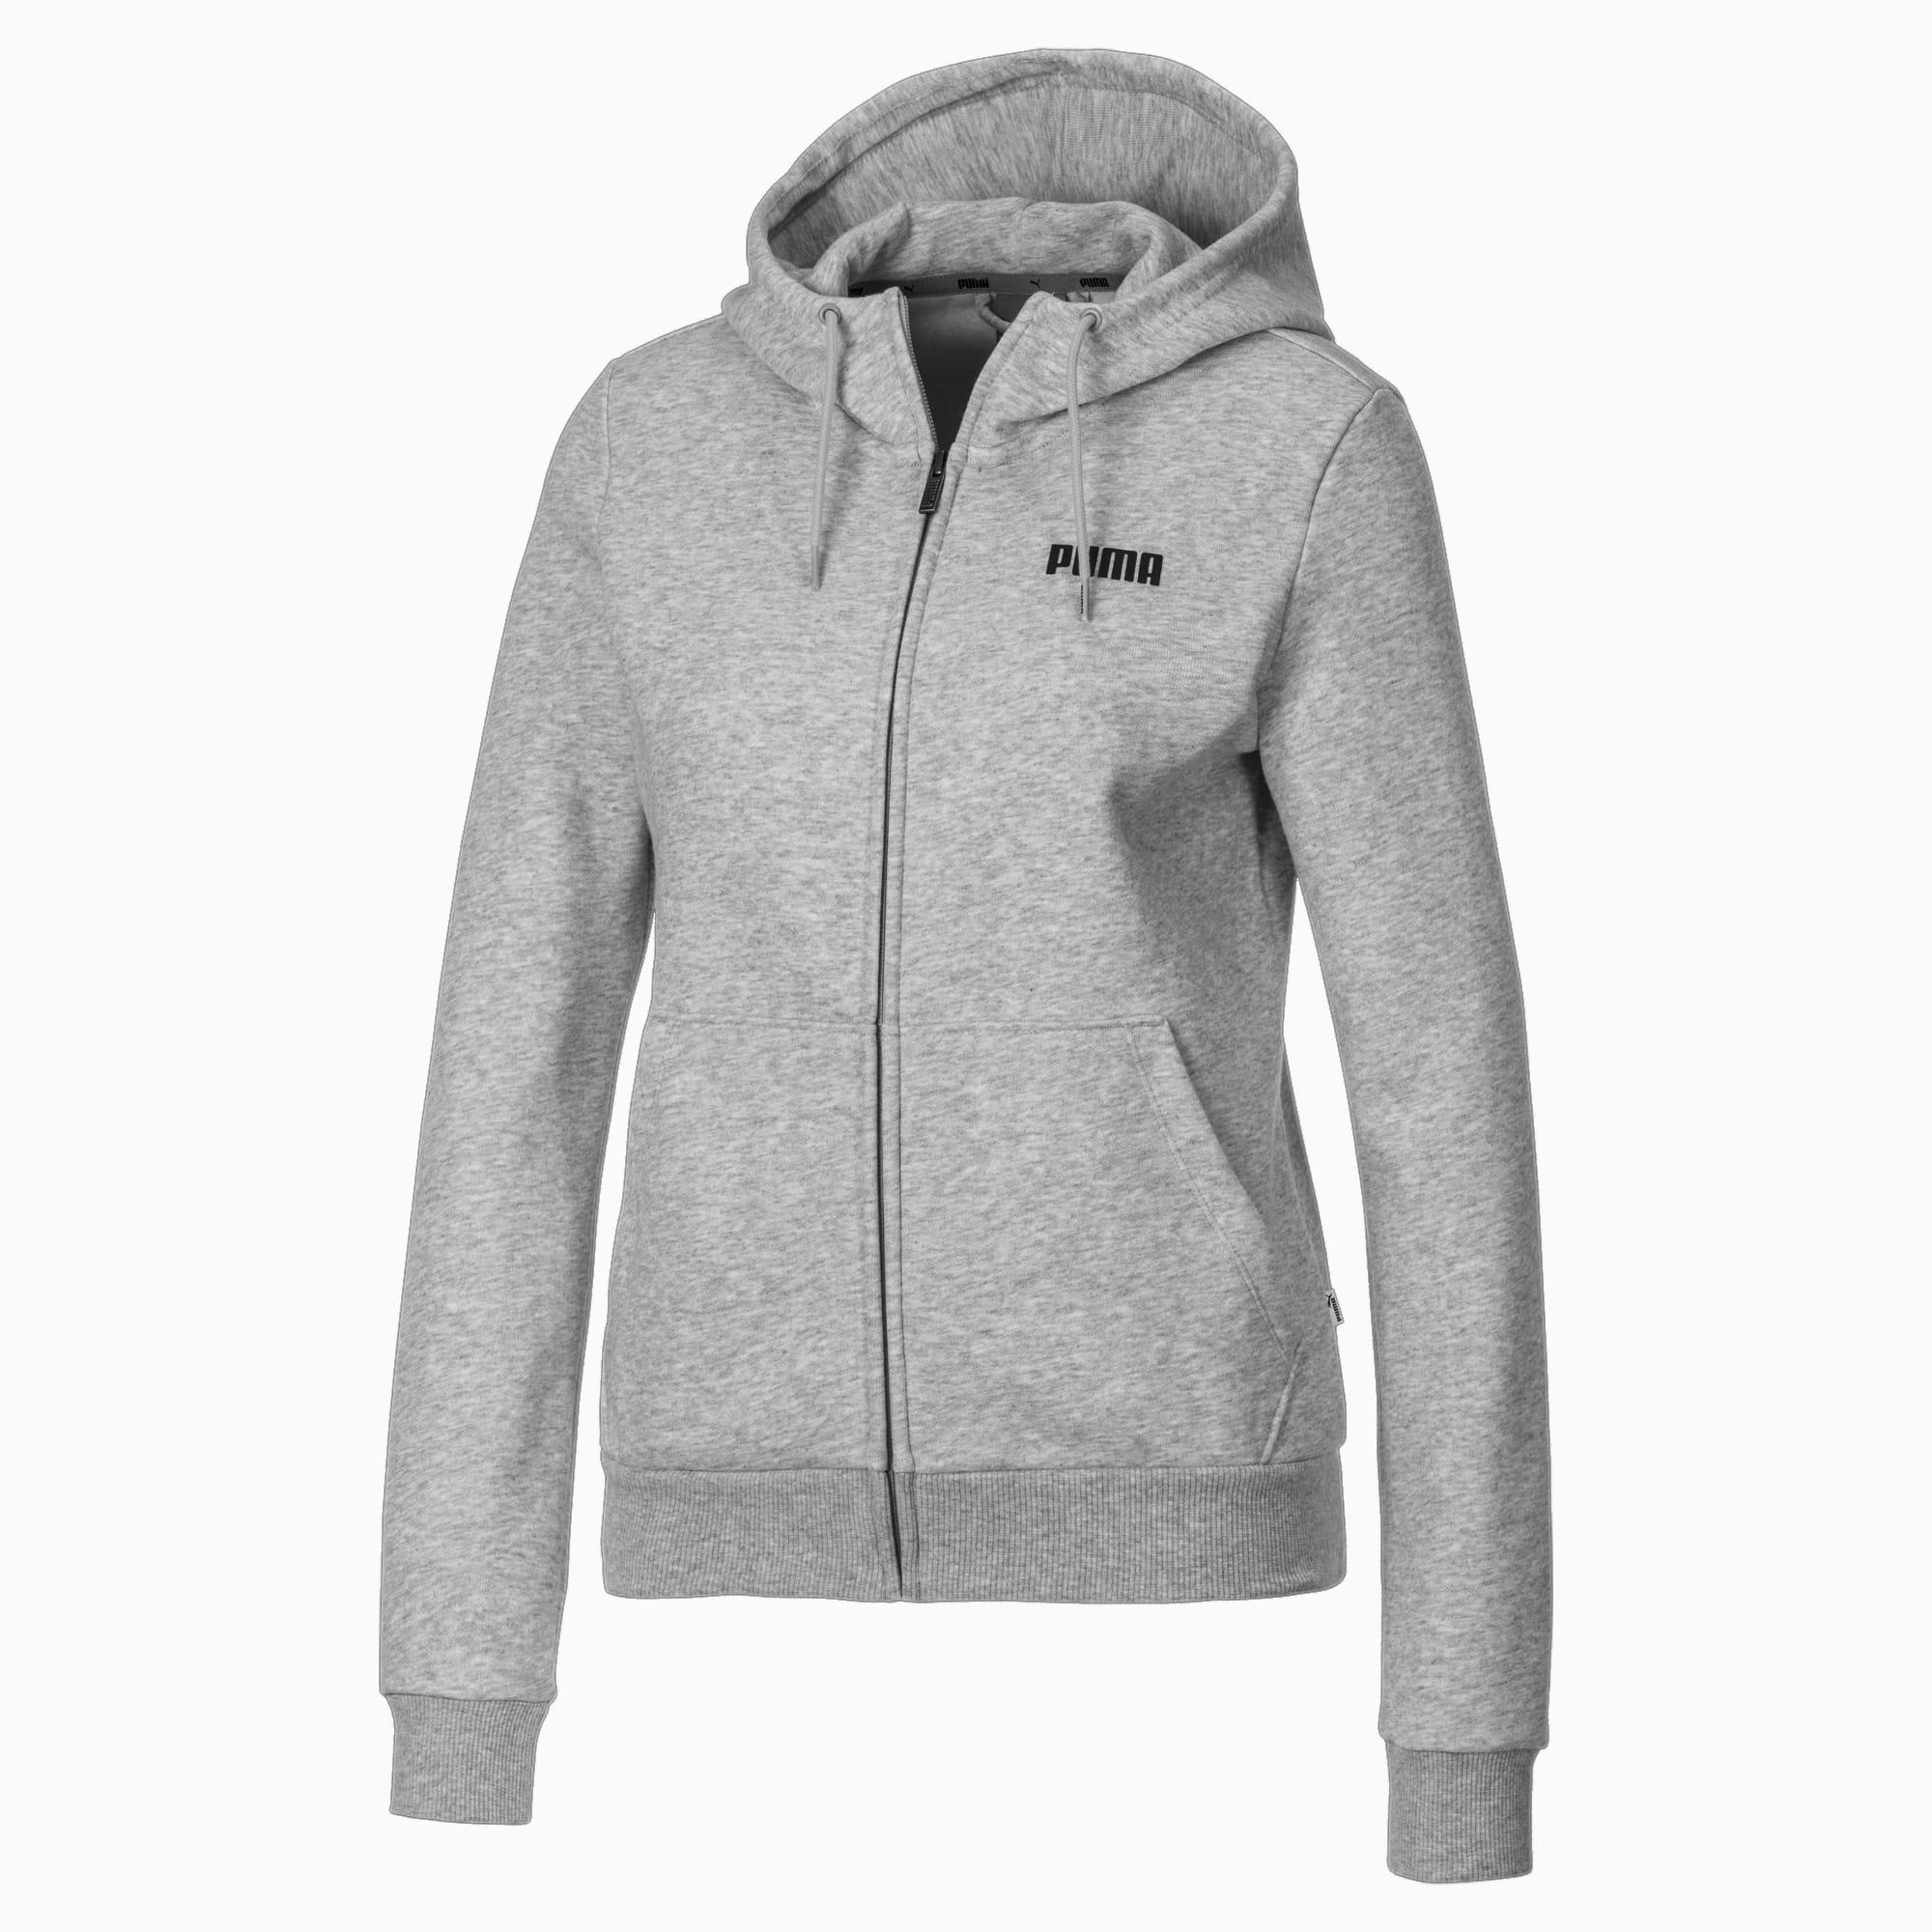 blouson en sweat essentials fleece à capuche, gris/bruyère, taille xs, vêtements